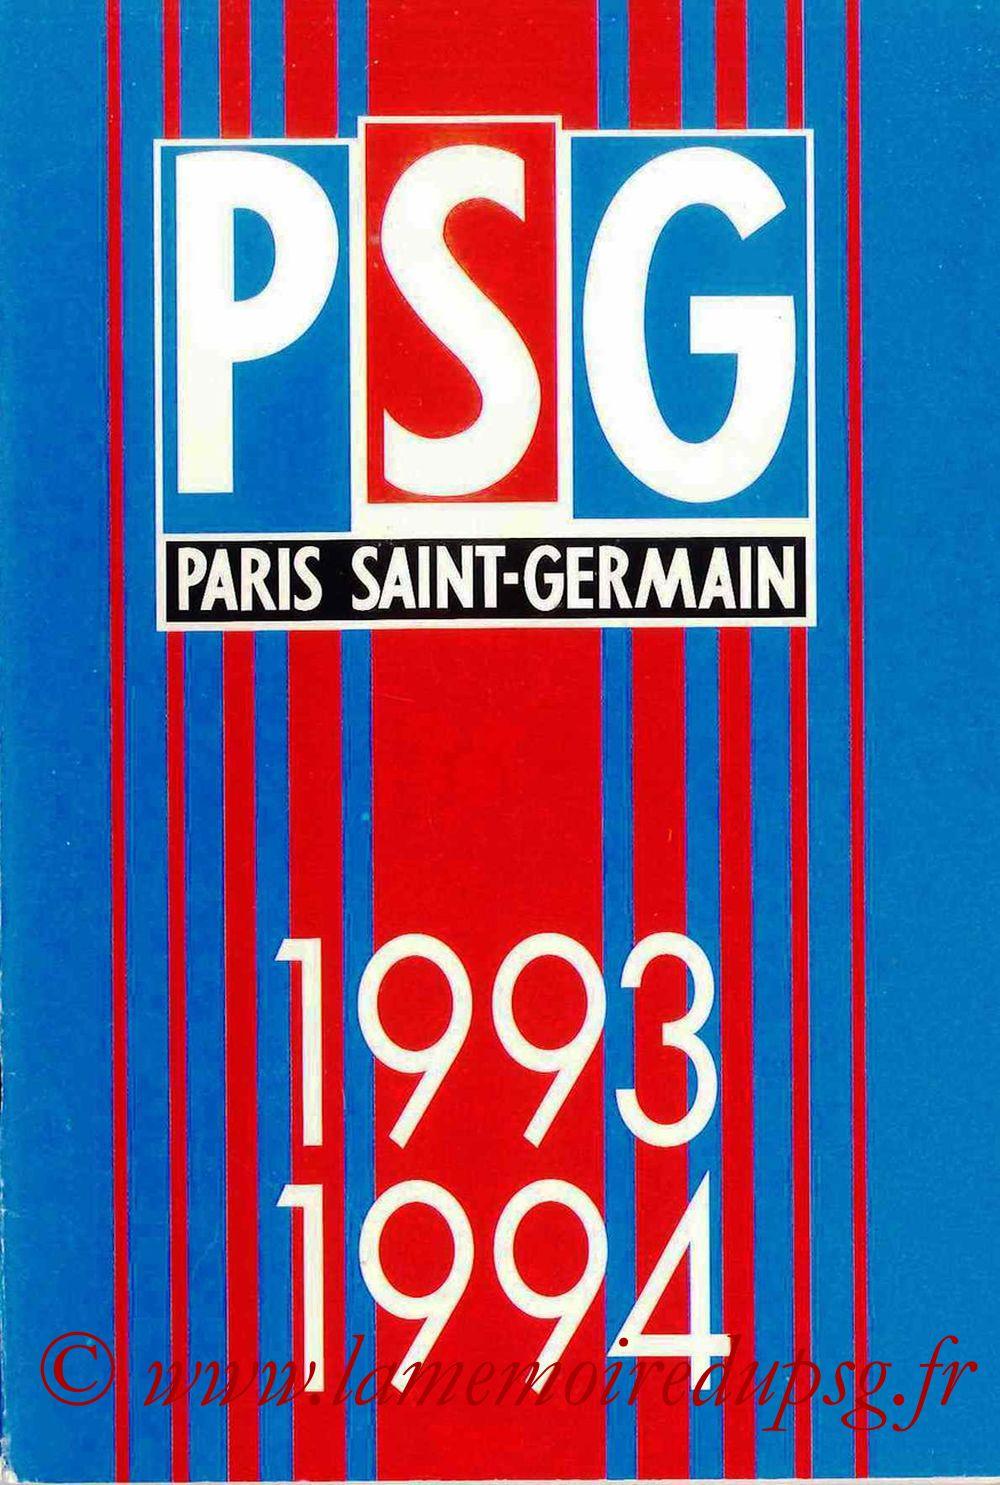 1993-94 - Guide de la Saison PSG - Couverture